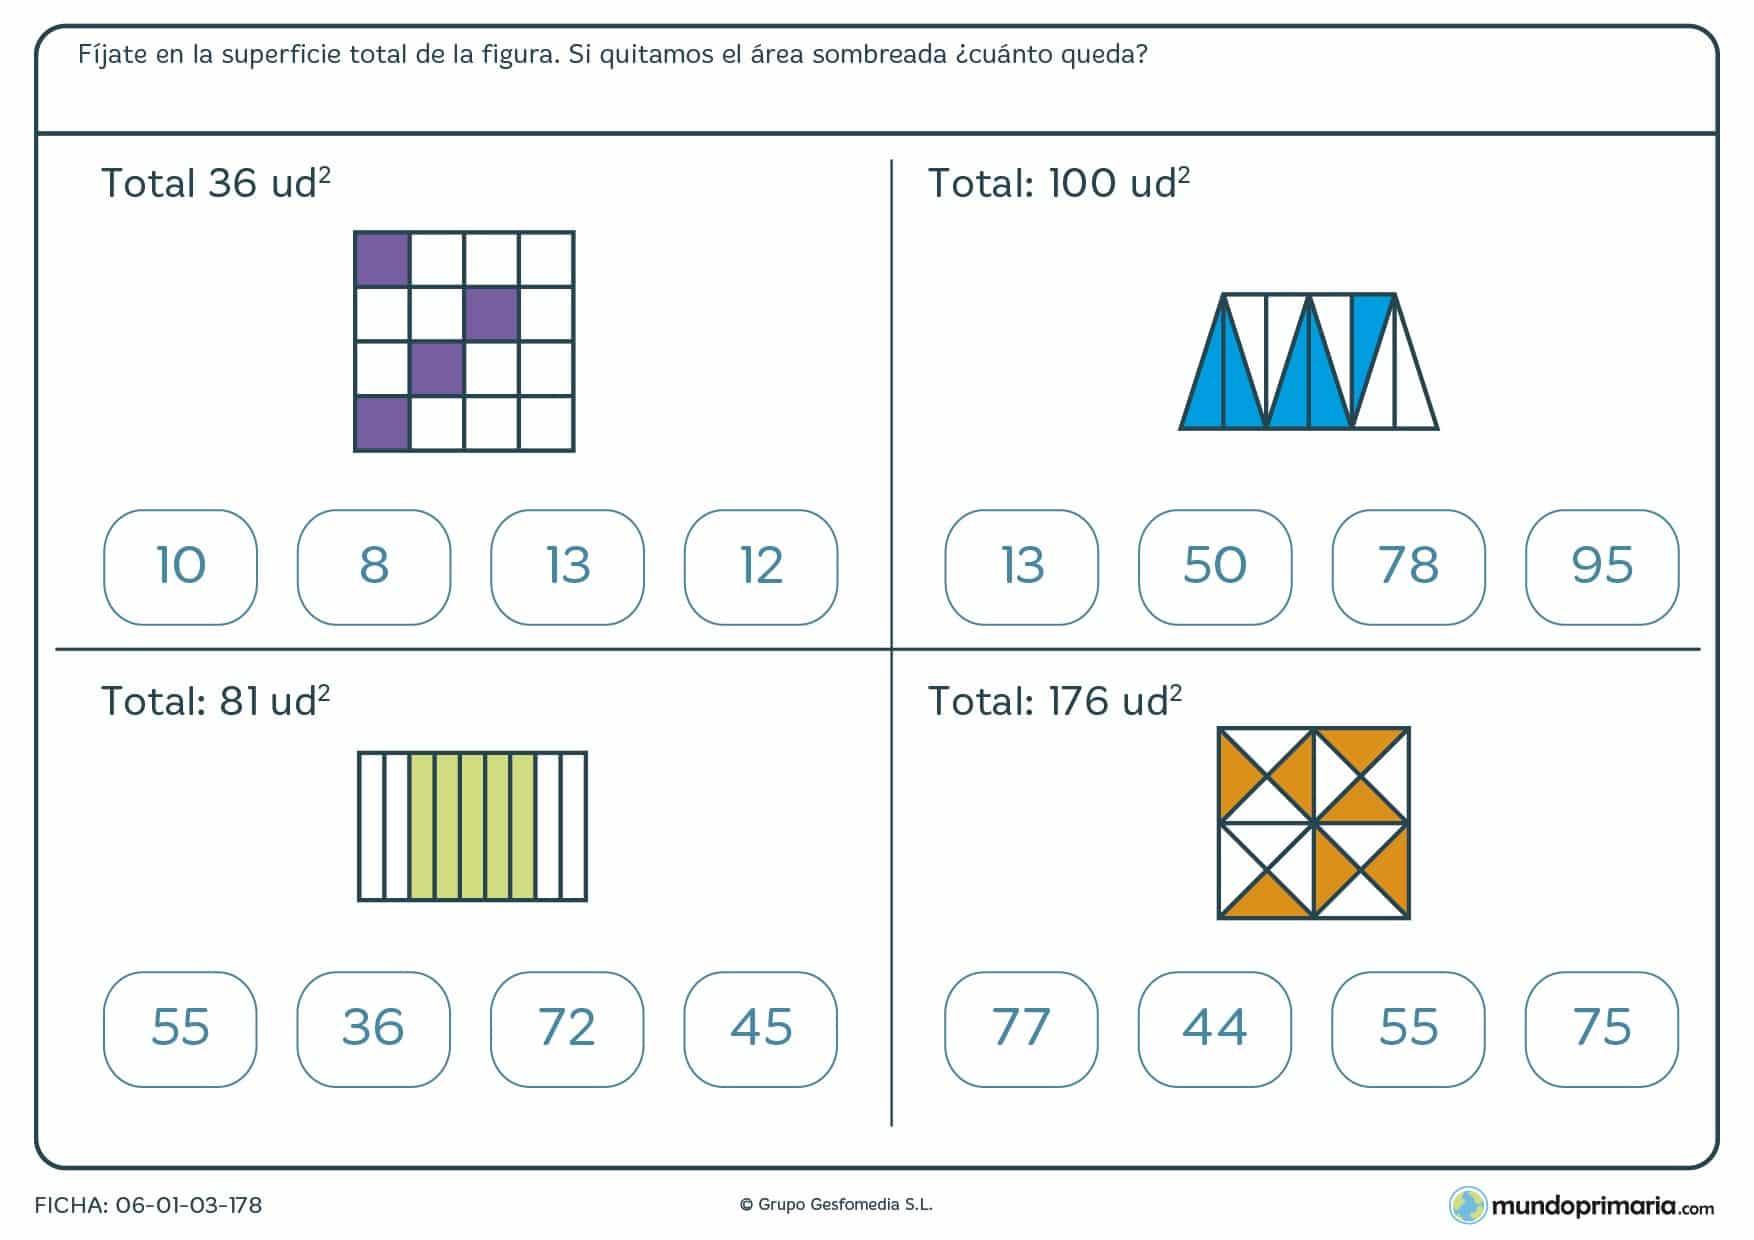 Ficha de restar unidades cuadradas que aparecen sobreadas del total de la figura.